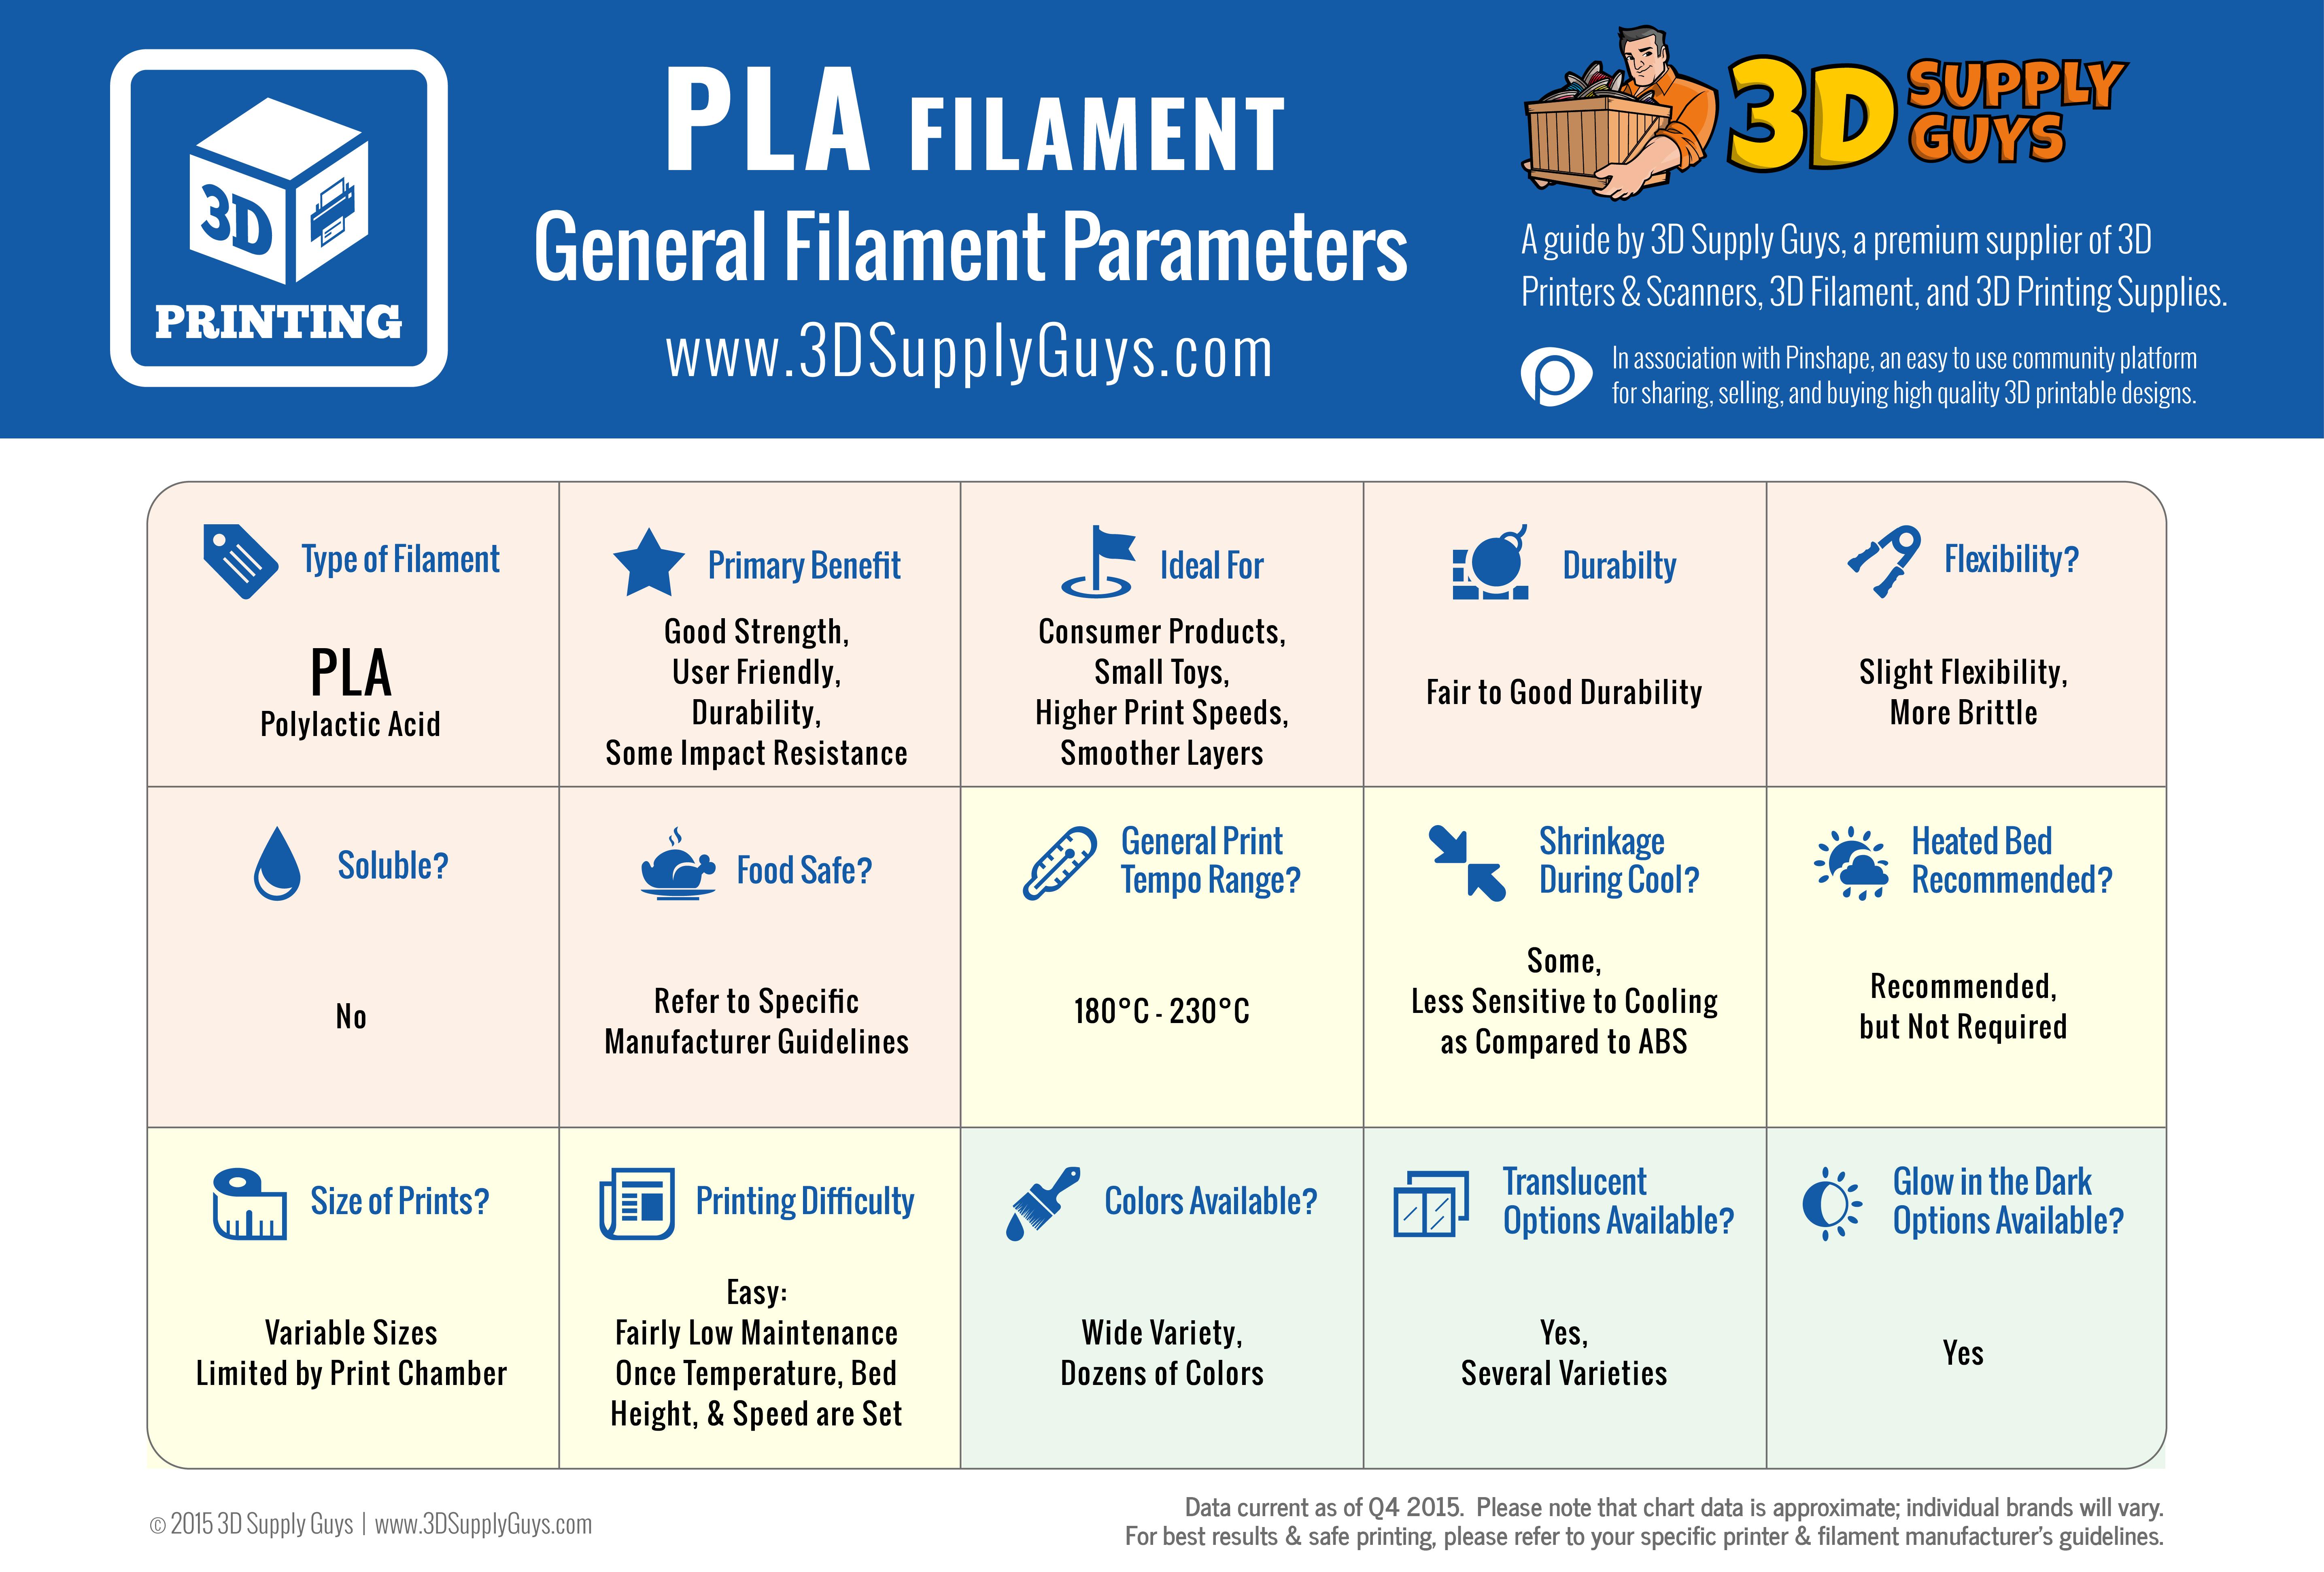 3D printing filament PLA